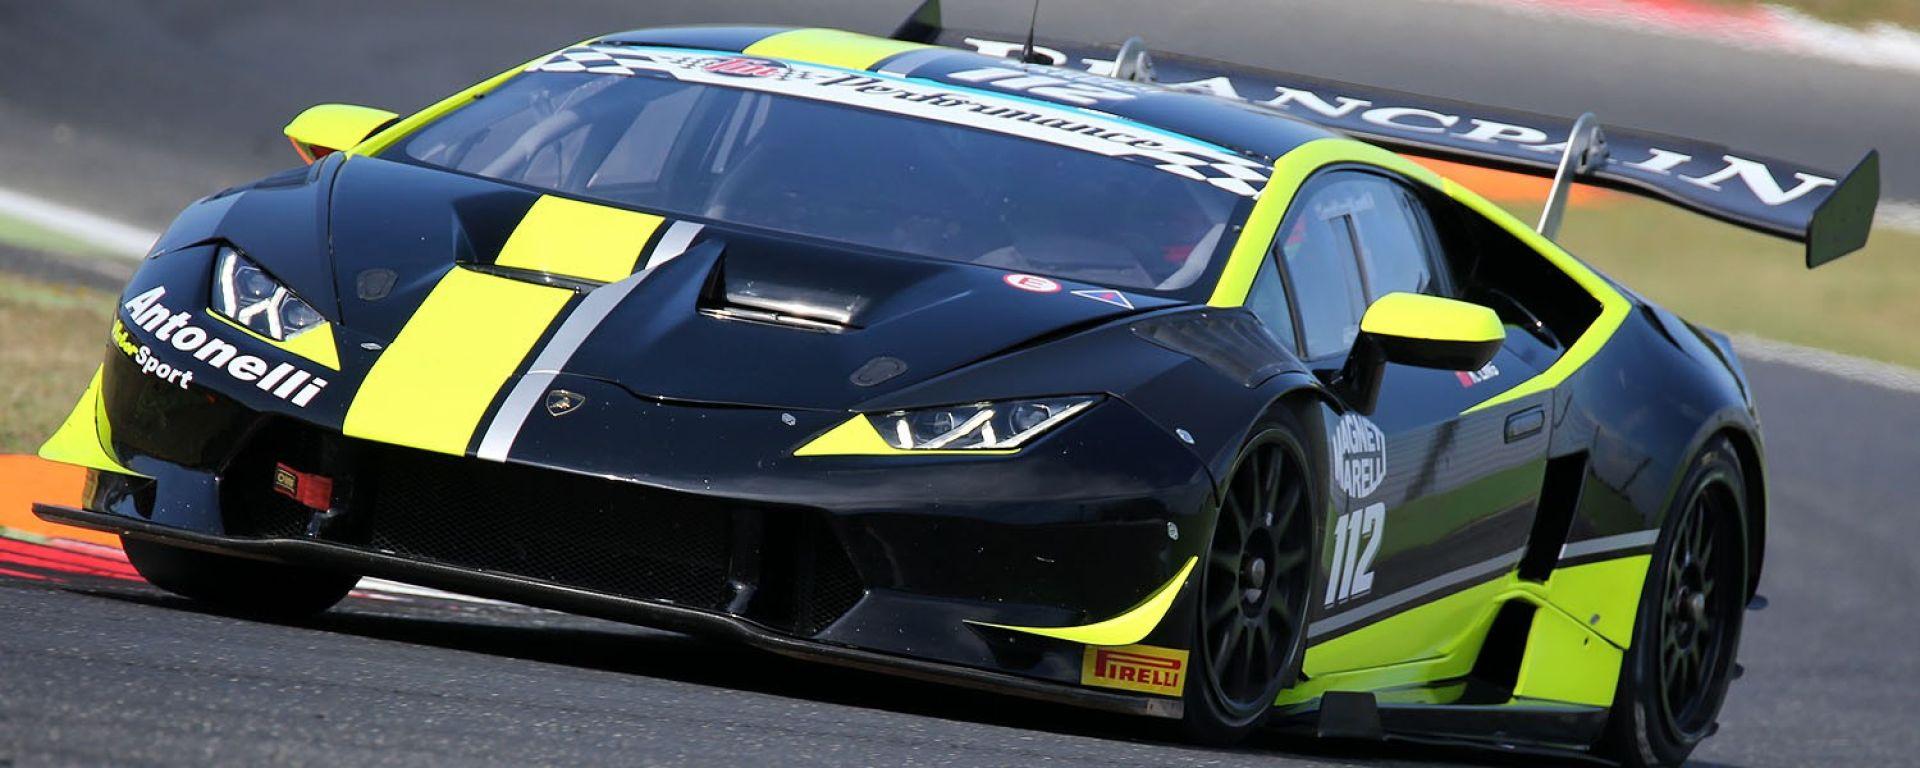 Liberati - Lamborghini Huracan GT3, GT Italiano